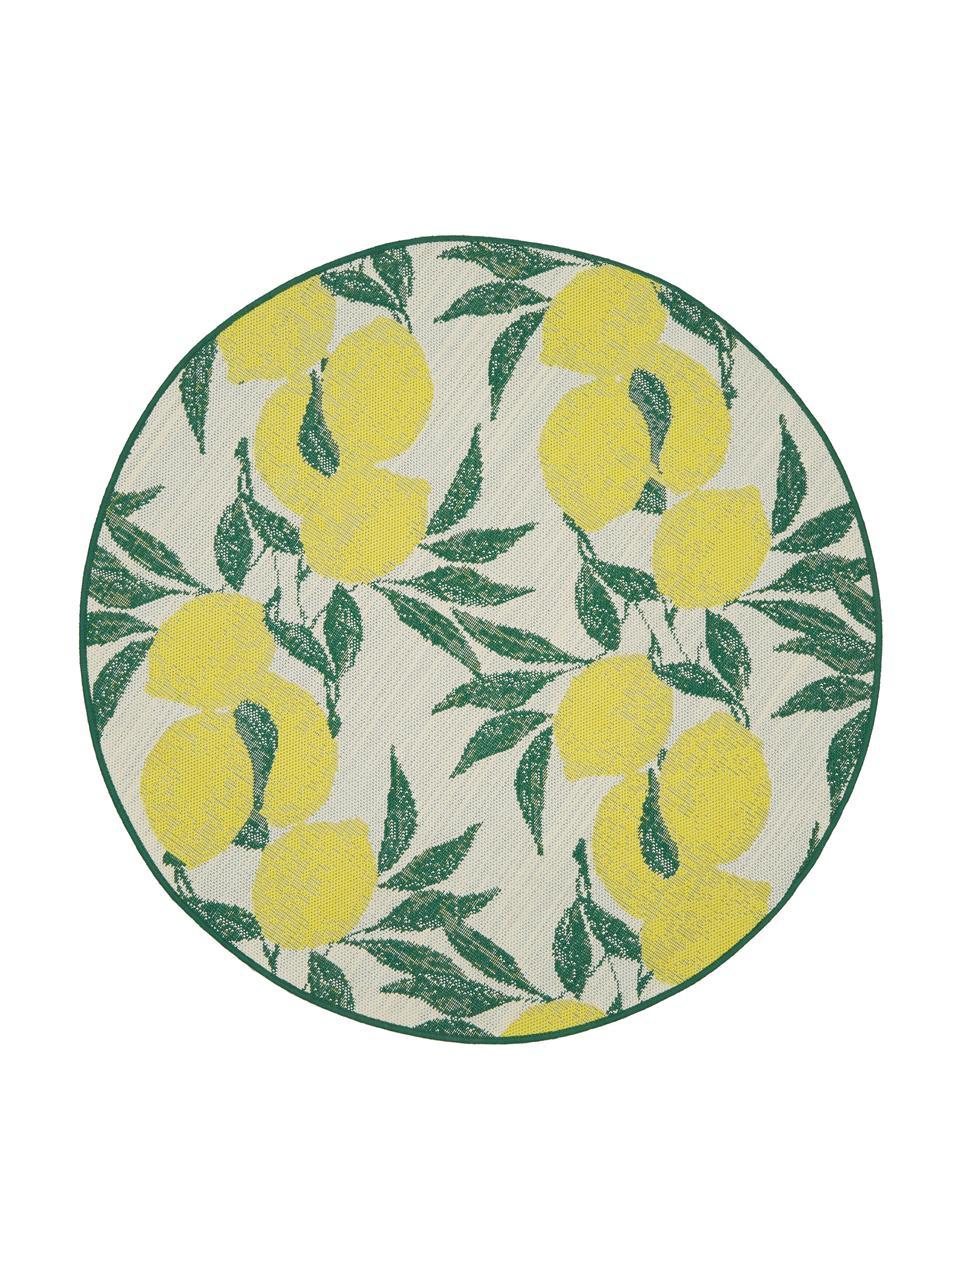 Tappeto da interno-esterno con stampa limoni Limonia, 86% polipropilene, 14% poliestere, Bianco, giallo, verde, Ø 140 cm (taglia M)